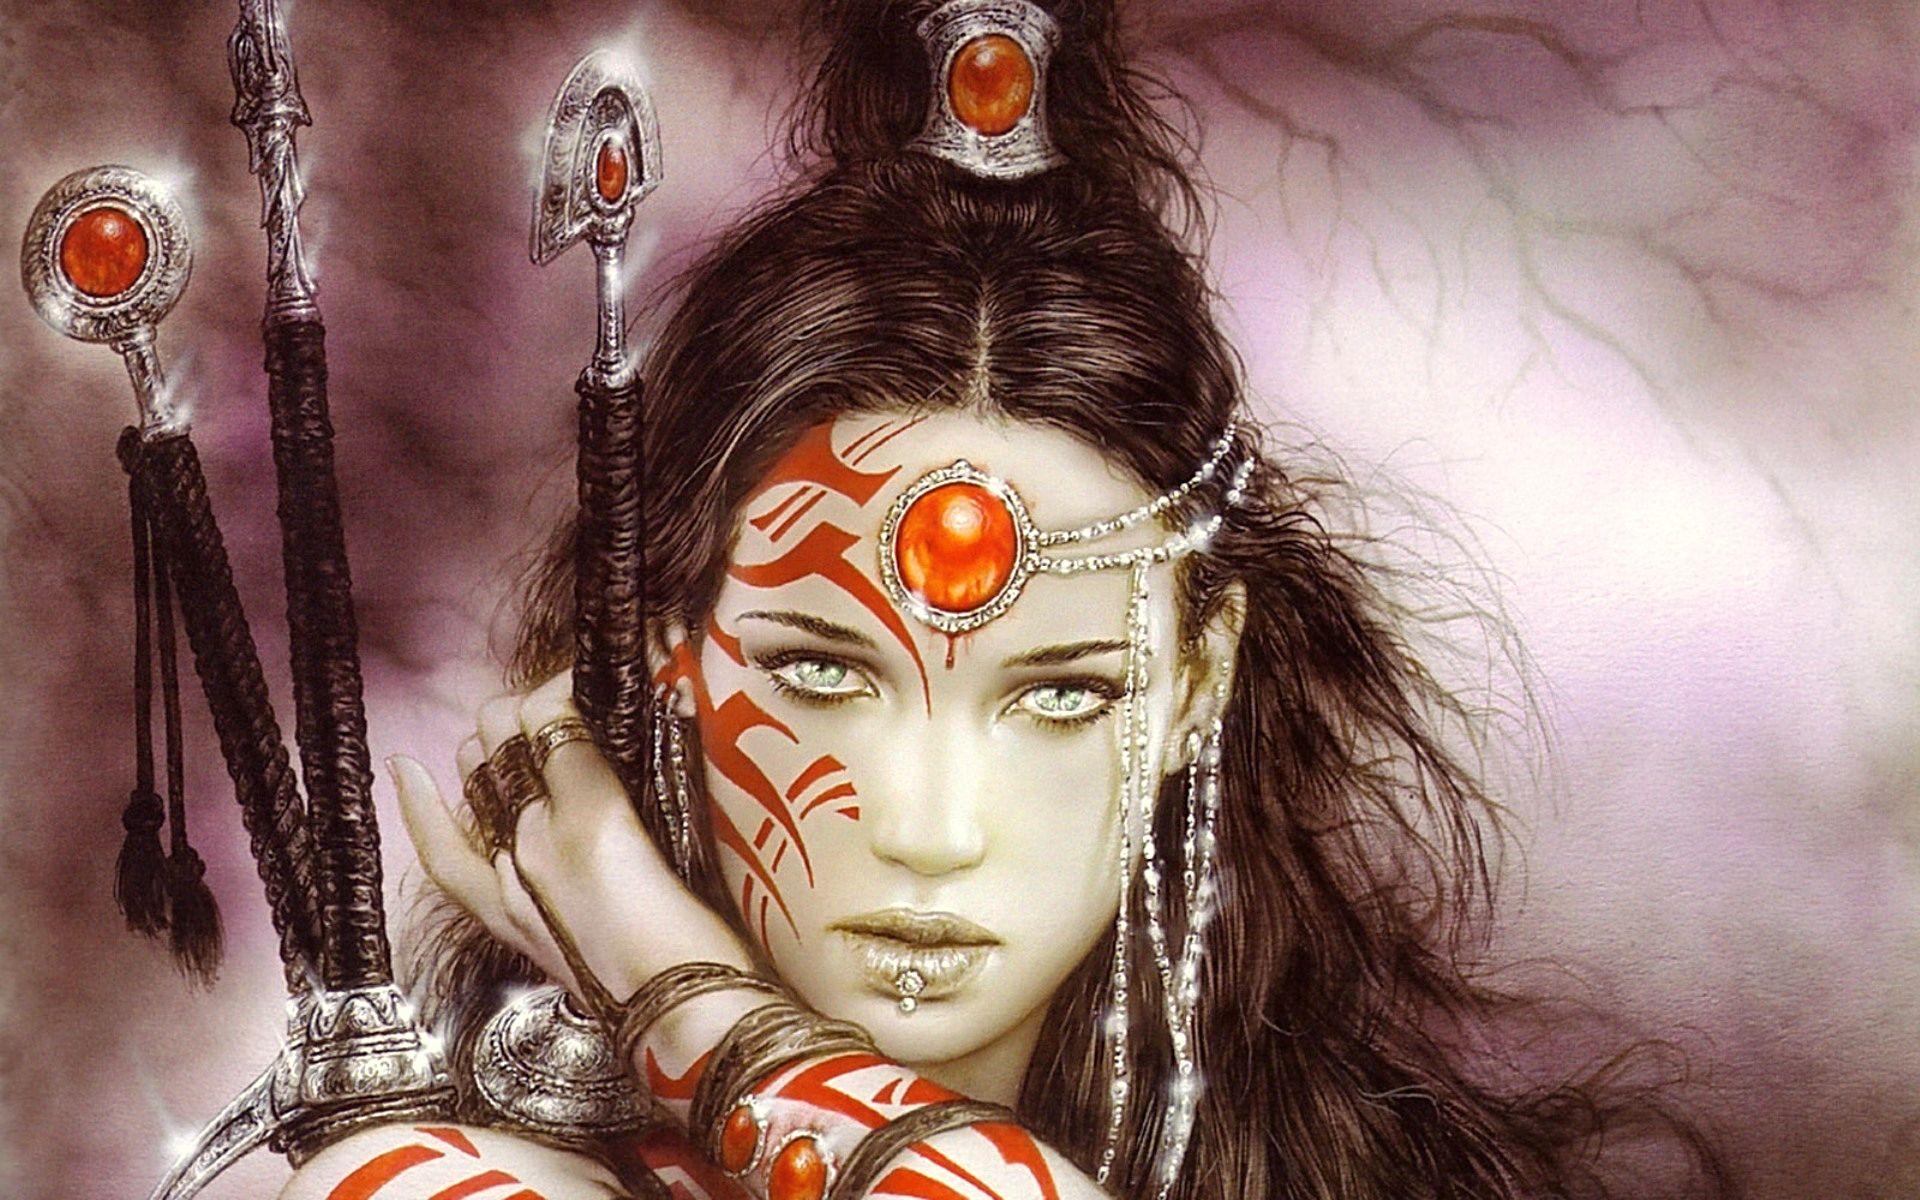 women warrior Luis royo fantasy art